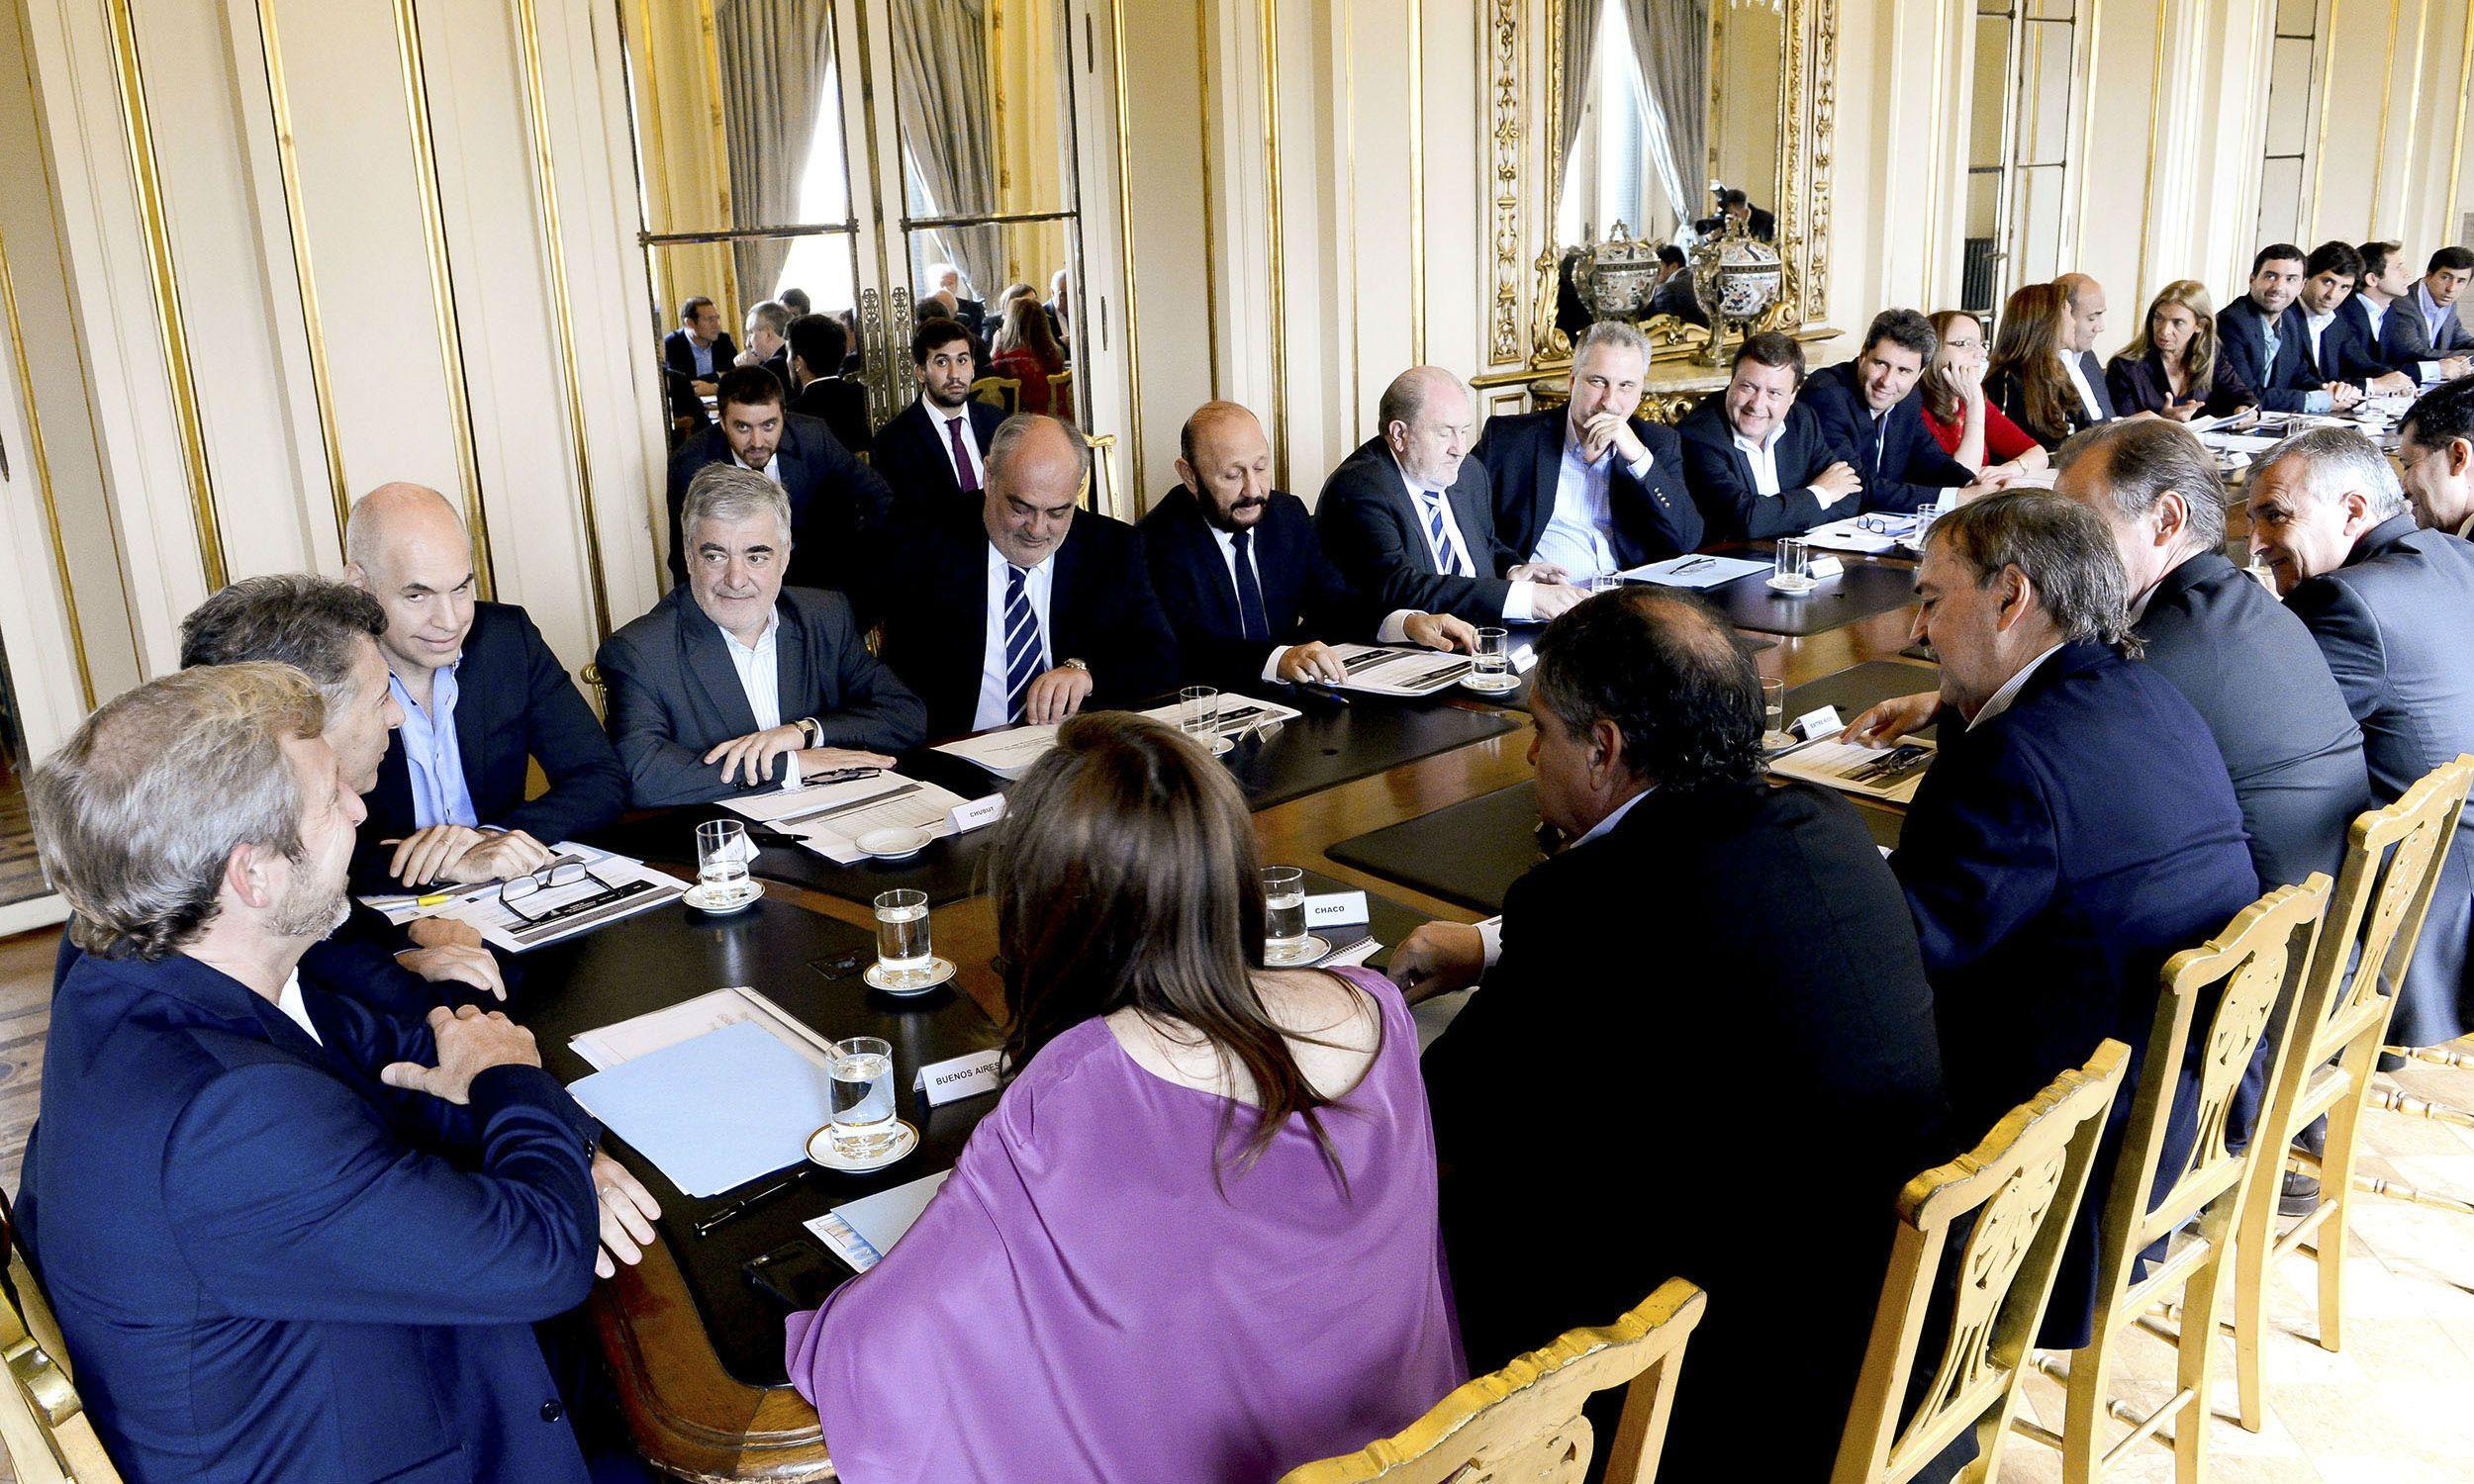 Frigerio se reunió con los gobernadores en la Casa Rosada. Más tarde se hizo presente el presidente Macri.